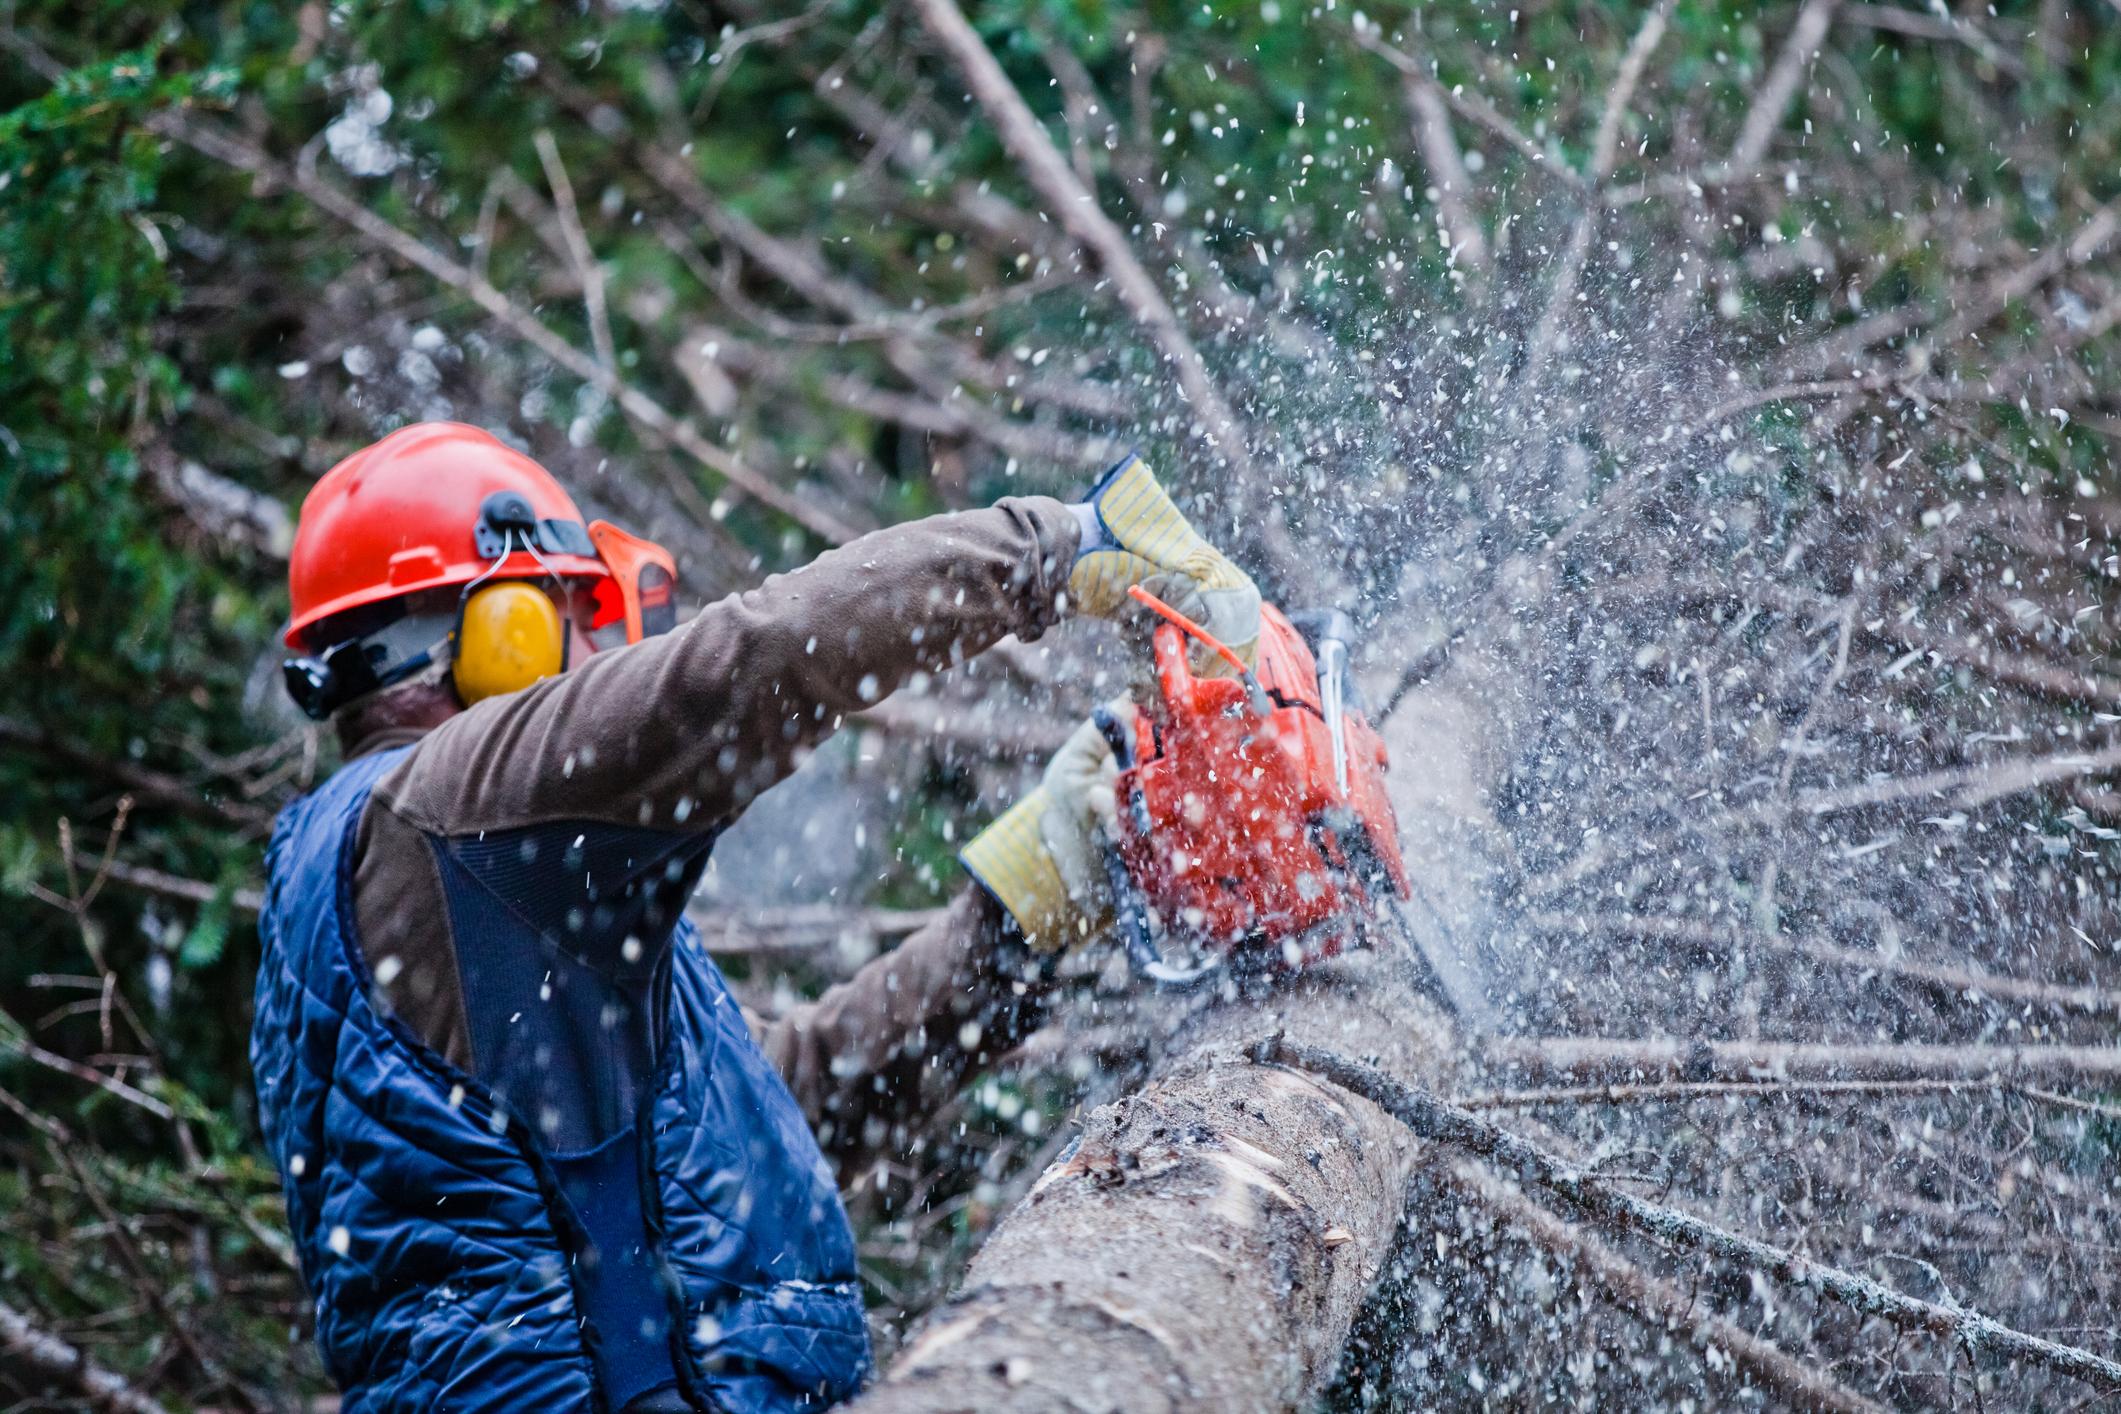 Immagine raffigurante un operaio forestale